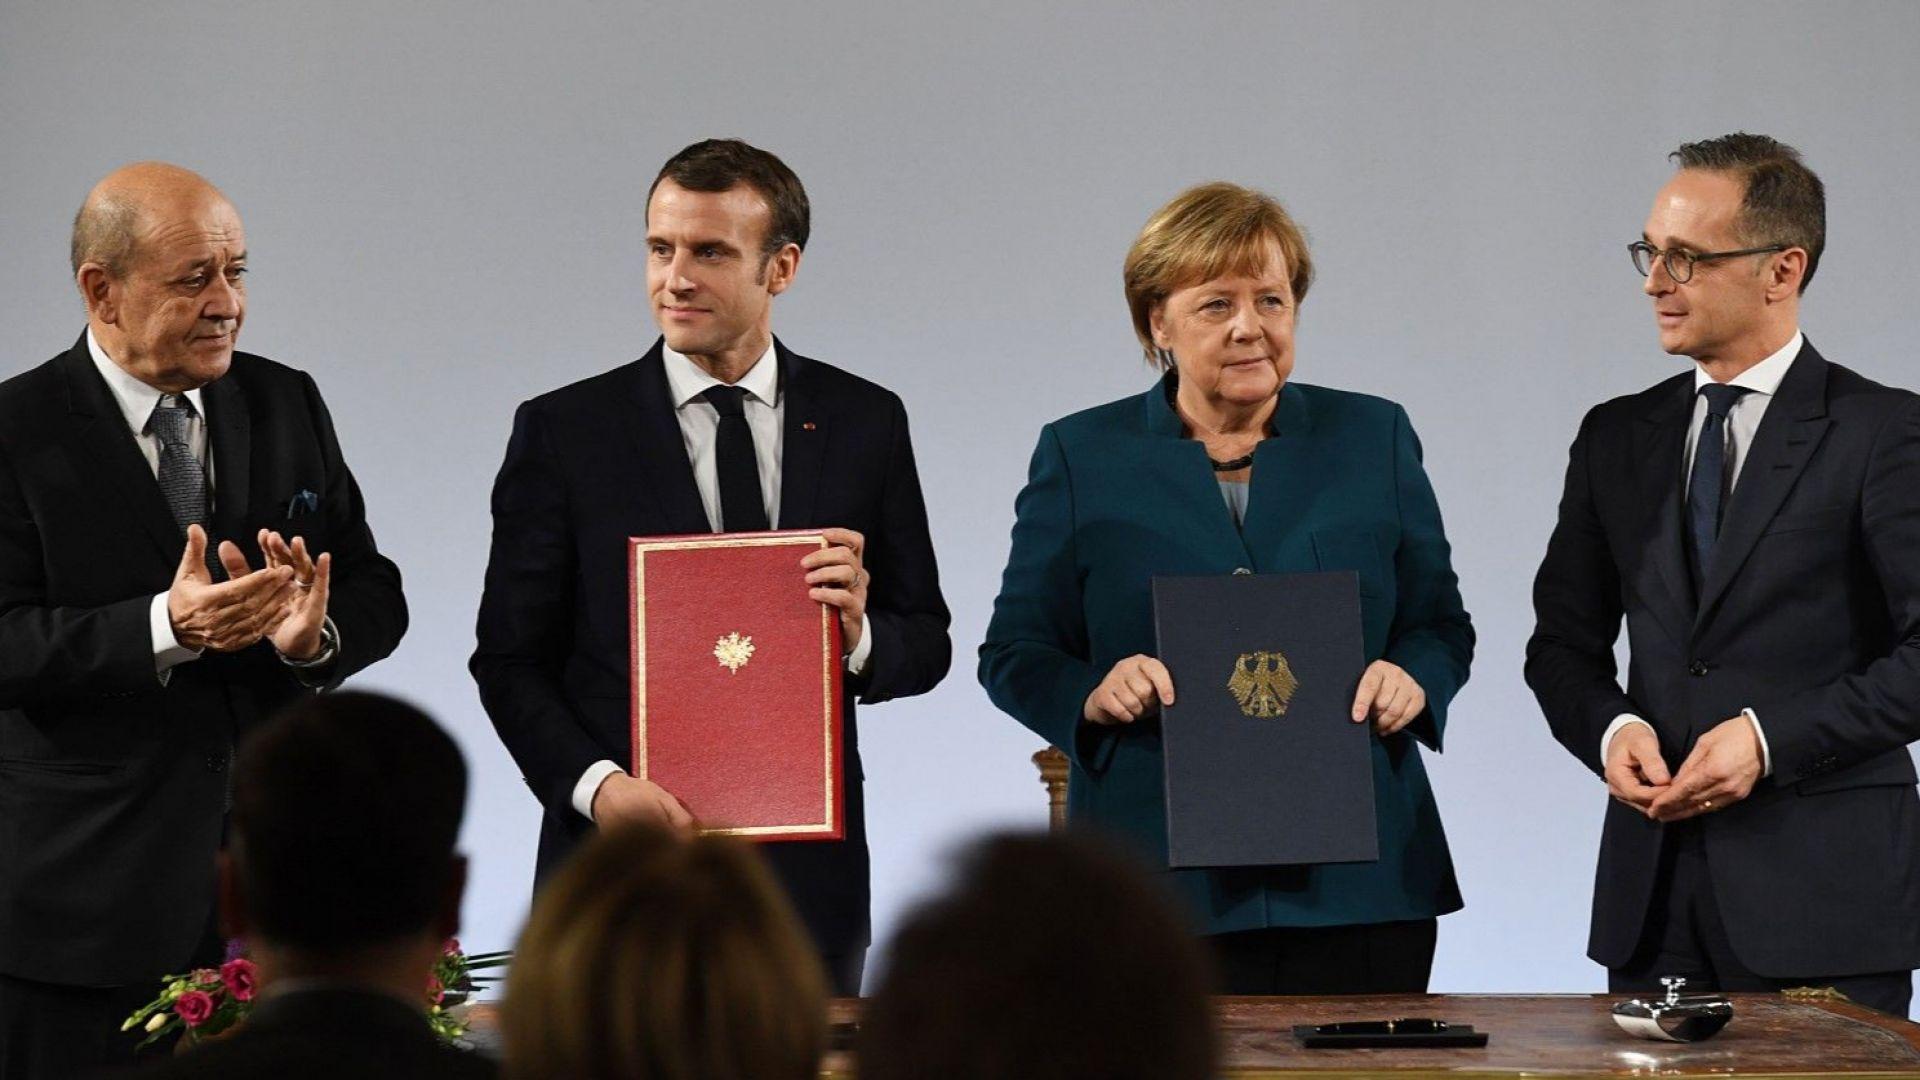 Проф. Йорг Реквате: Германия и Франция са мотор, но само той не е достатъчен за ЕС